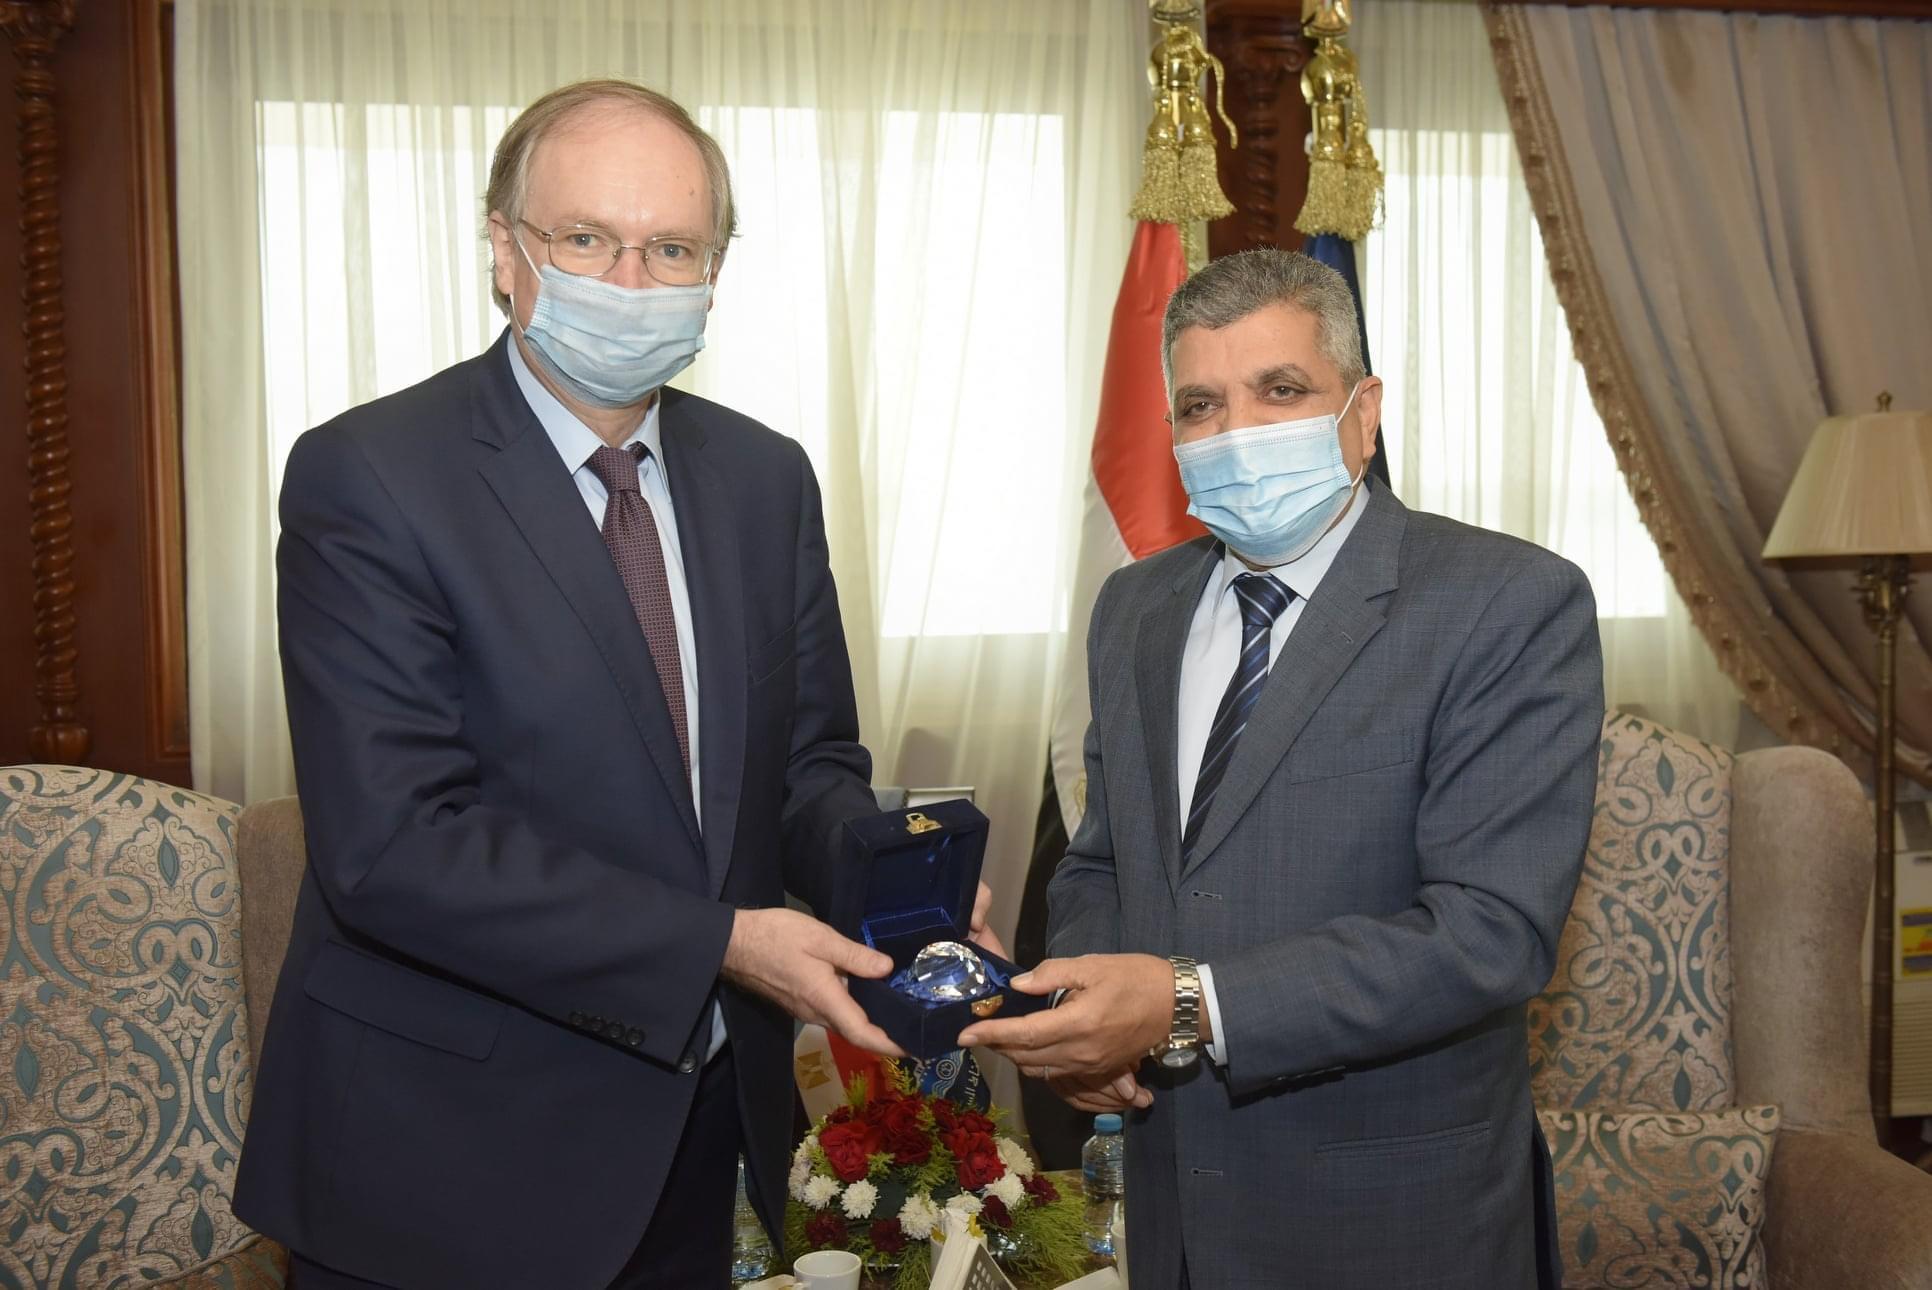 بالصور : الفريق أسامة ربيع يبحث مع سفير الاتحاد الأوروبي سبل تعزيز التعاون المشترك